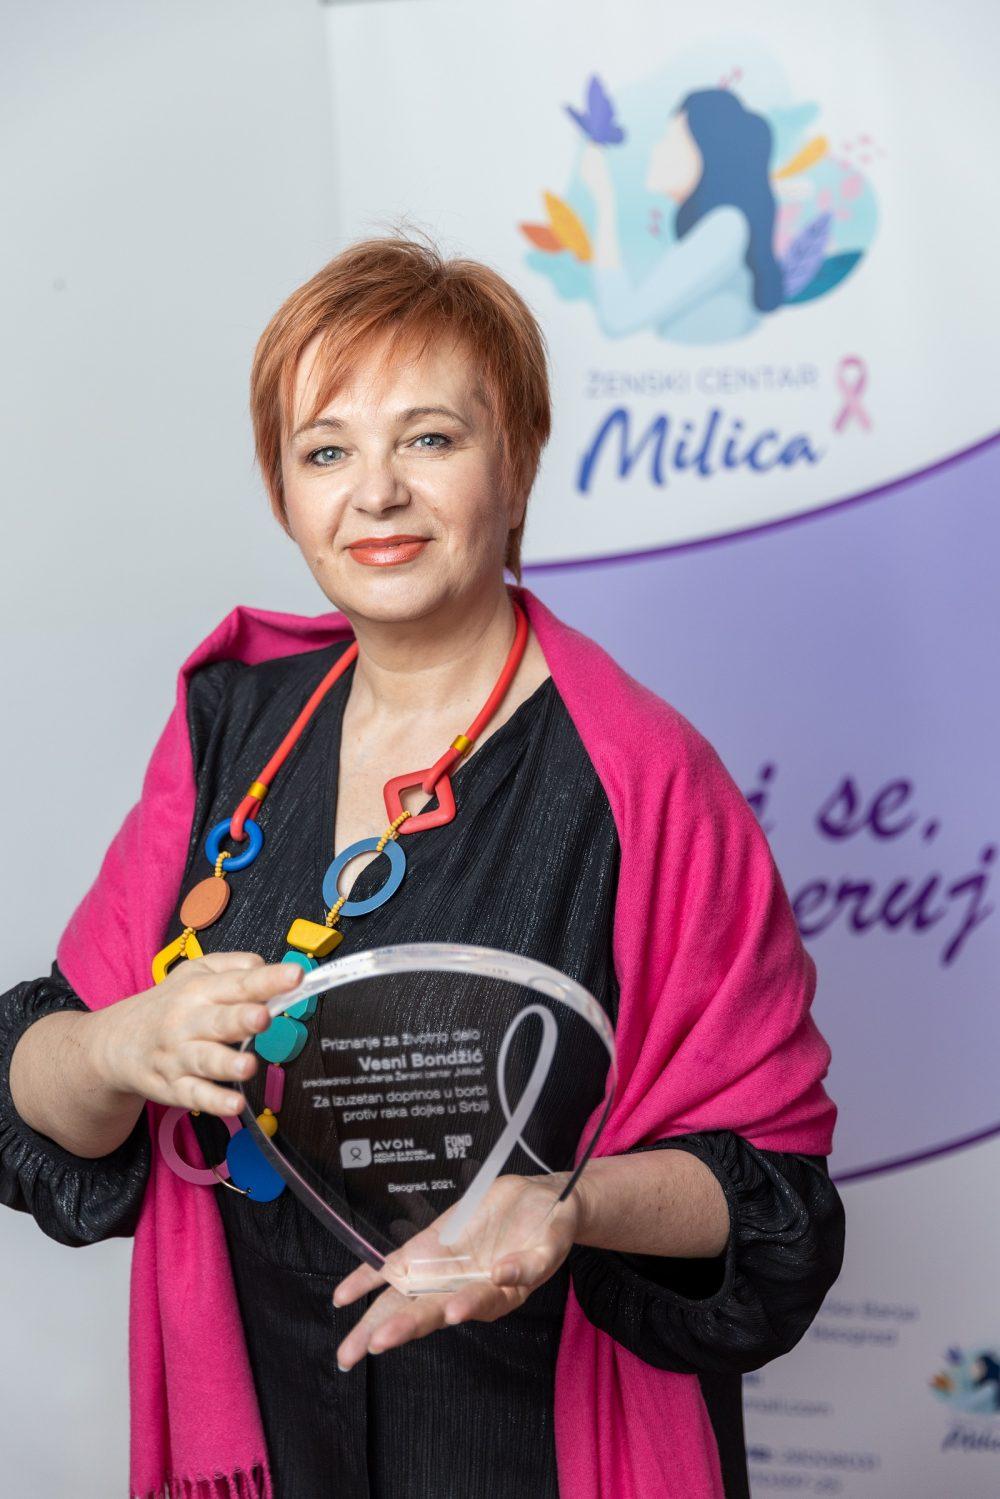 Priznanje za izuzetan doprinos u borbi protiv raka dojke uruceno Vesni Bondzic 2 autor Marko Risovic e1616163731206 Podrška ženama u borbi protiv raka dojke tokom pandemije